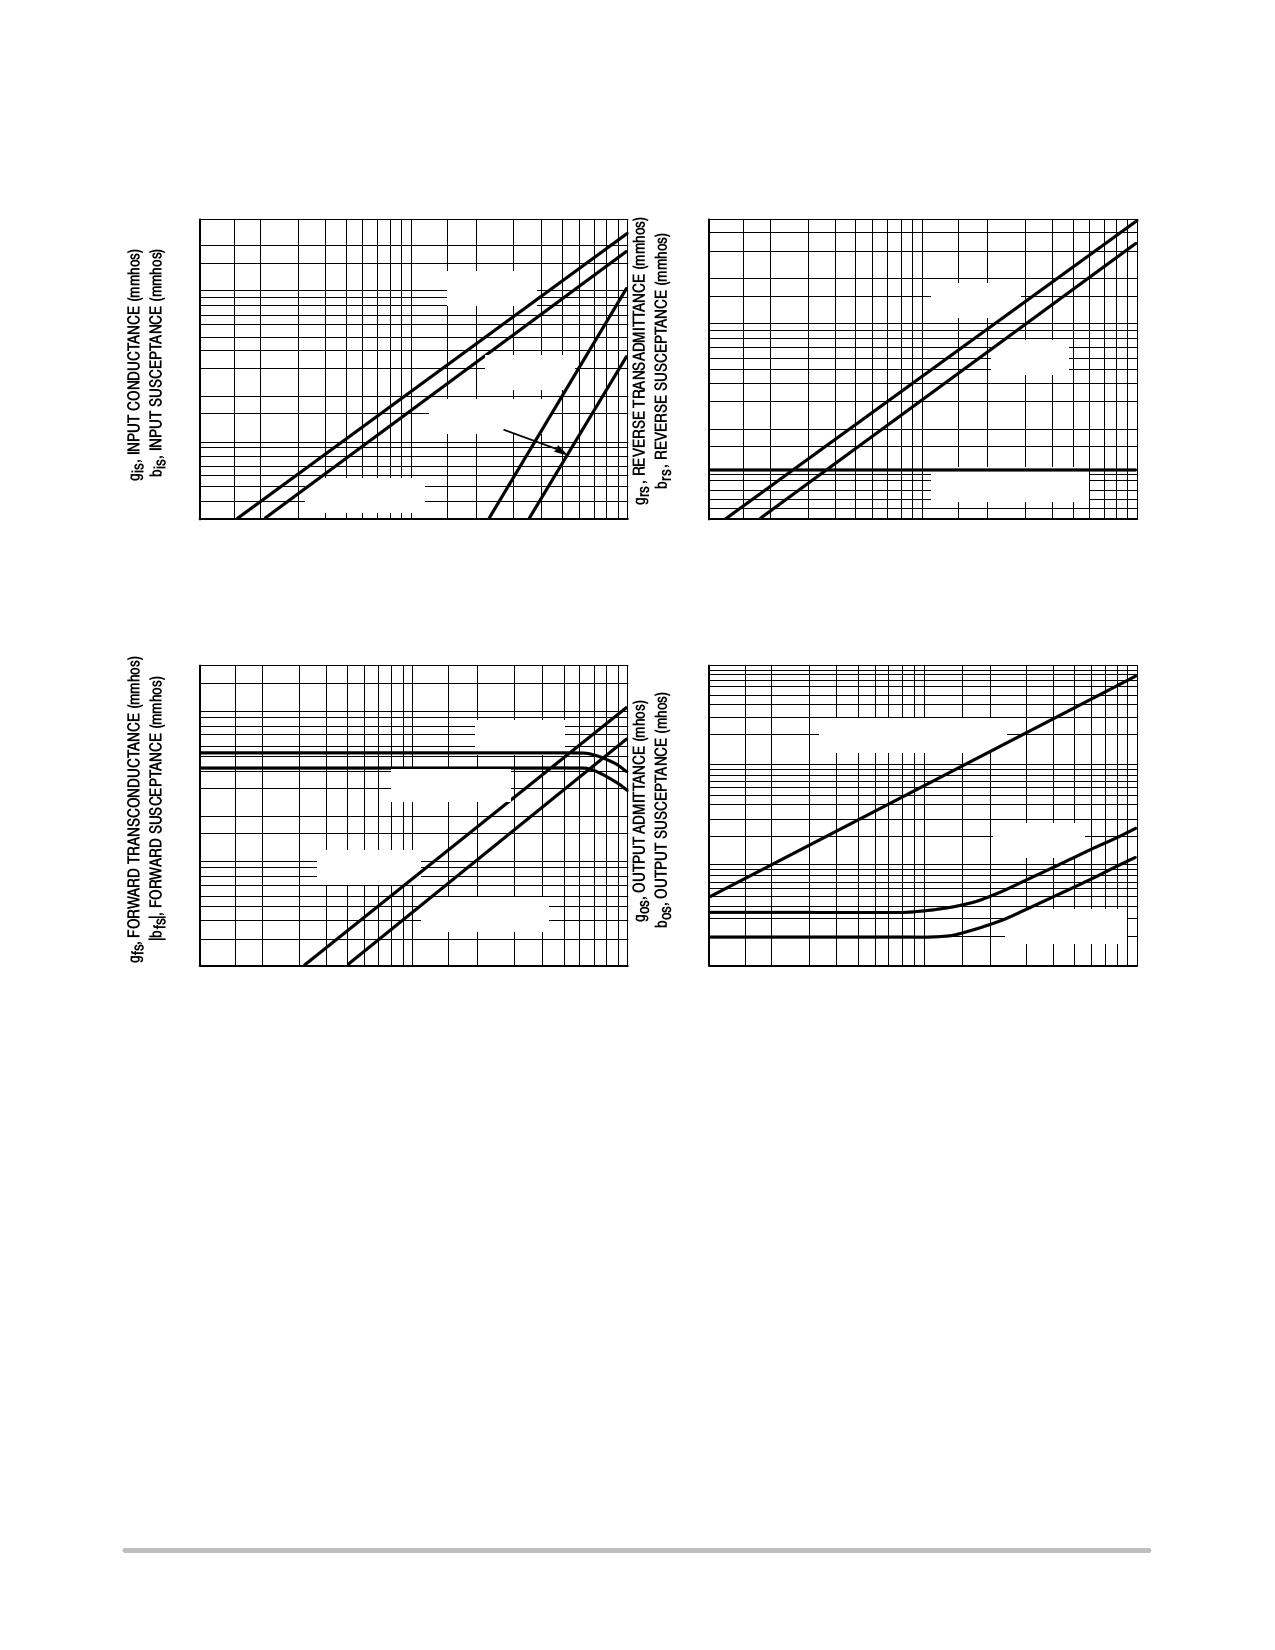 2N3819 pdf, ピン配列